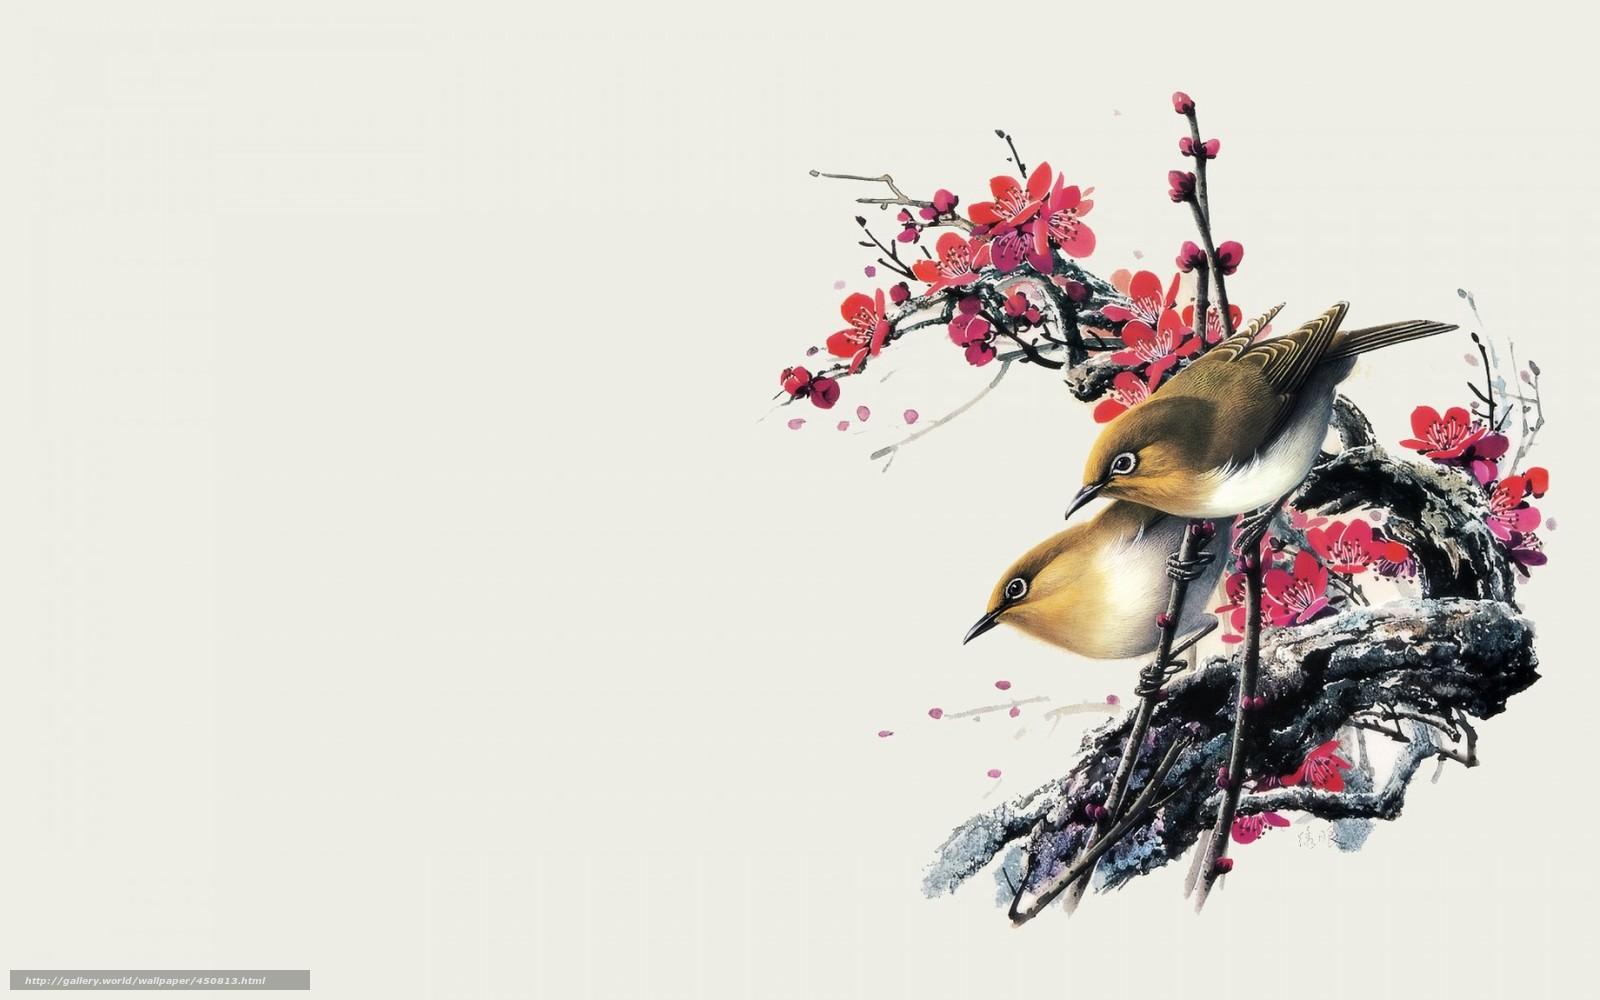 tlcharger fond d 39 ecran dessin aquarelle oiseaux fleurs fonds d 39 ecran gratuits pour votre. Black Bedroom Furniture Sets. Home Design Ideas